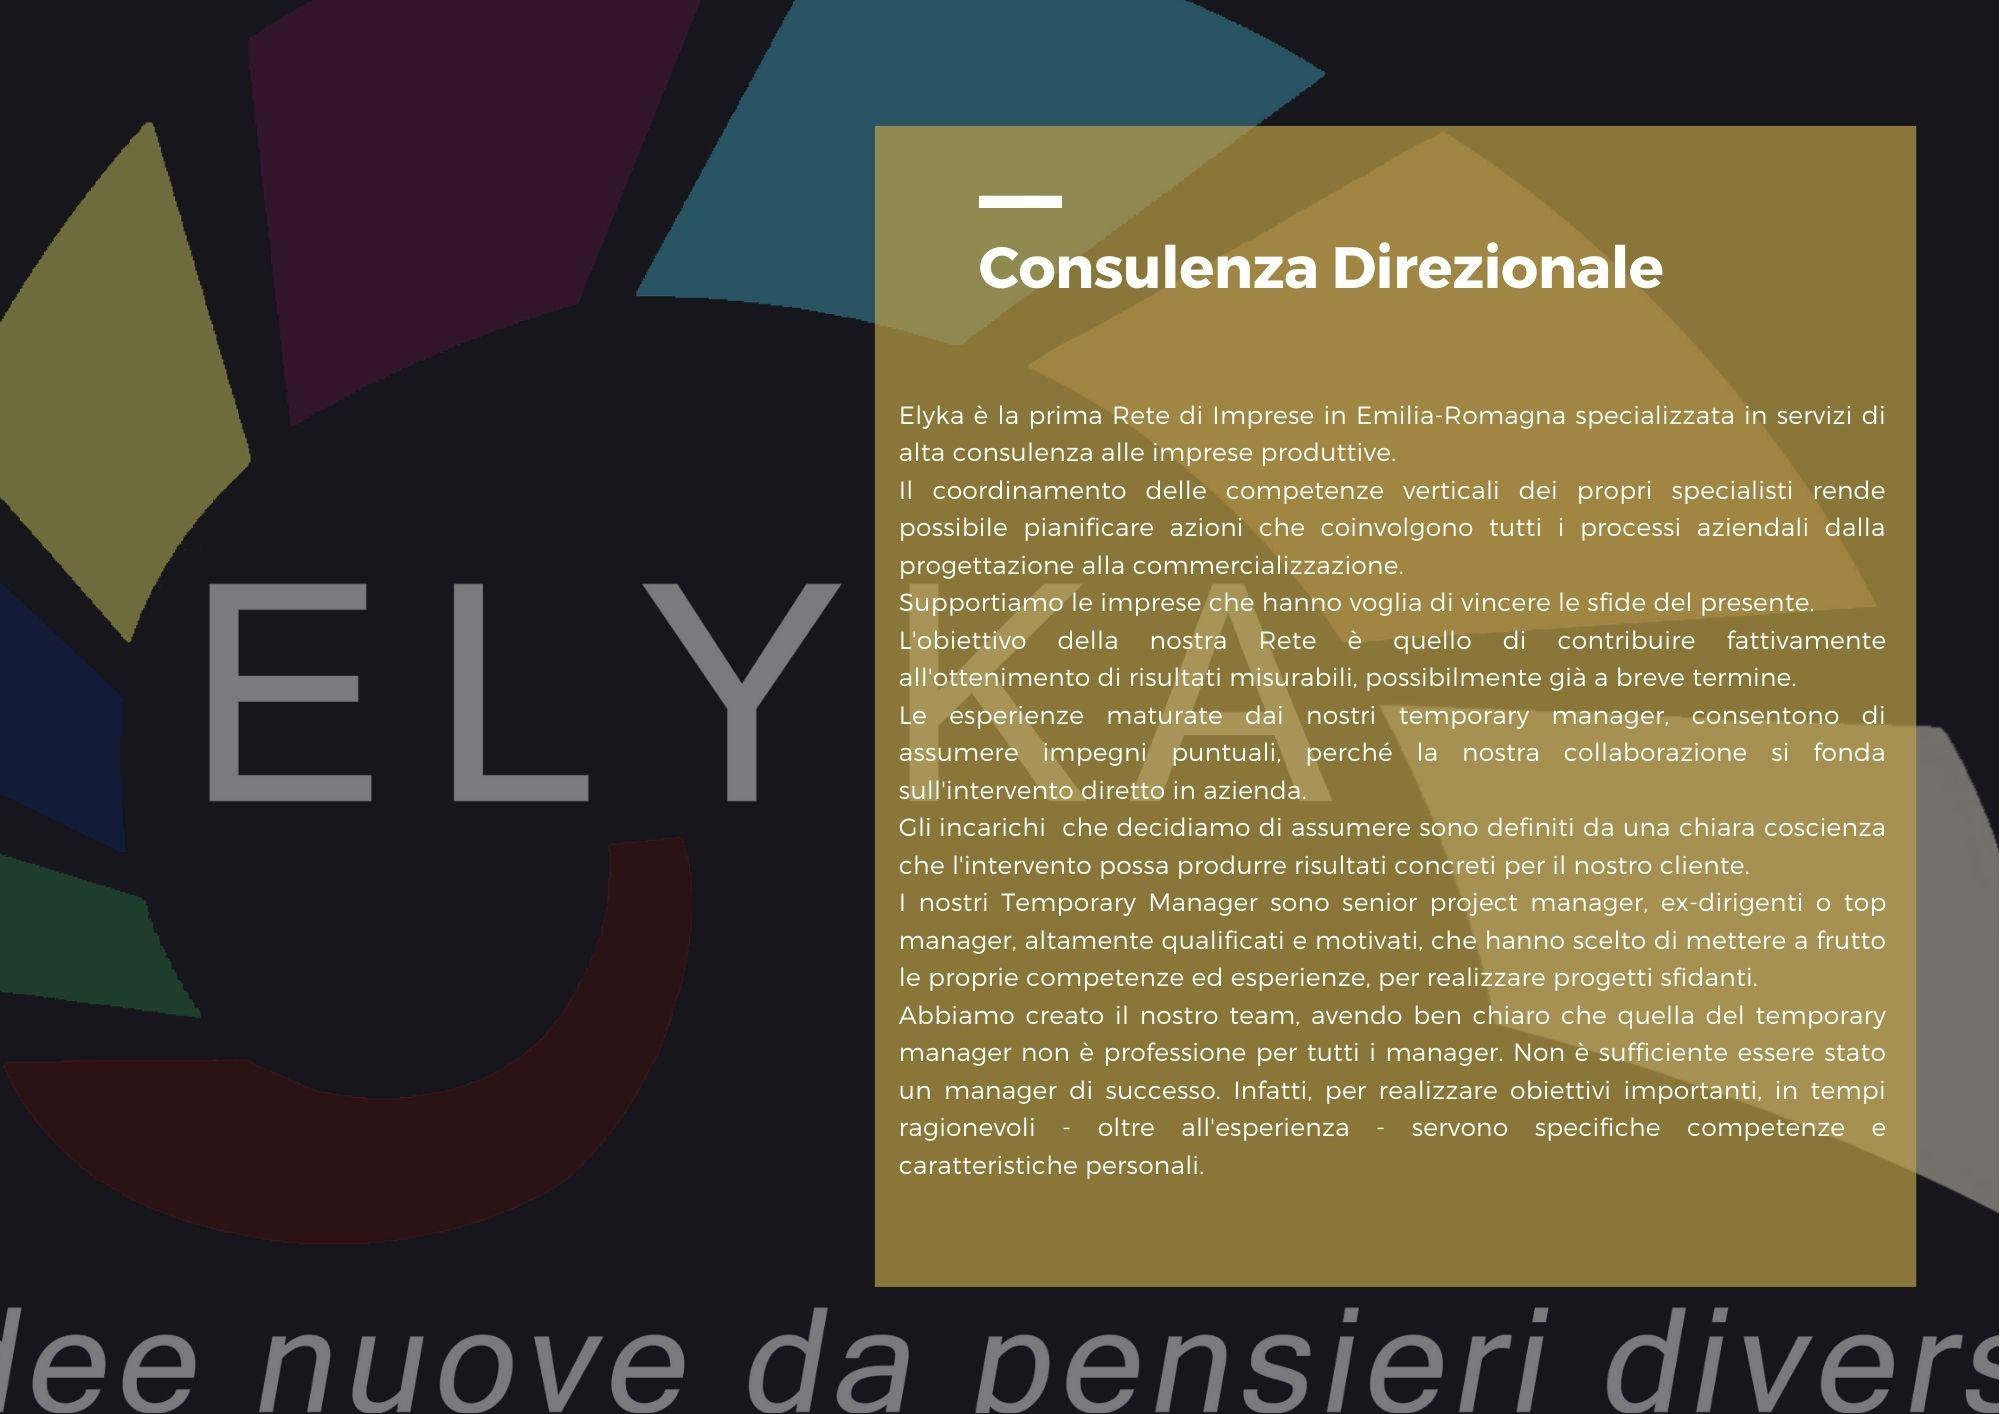 Consulenza direzionale Elyka